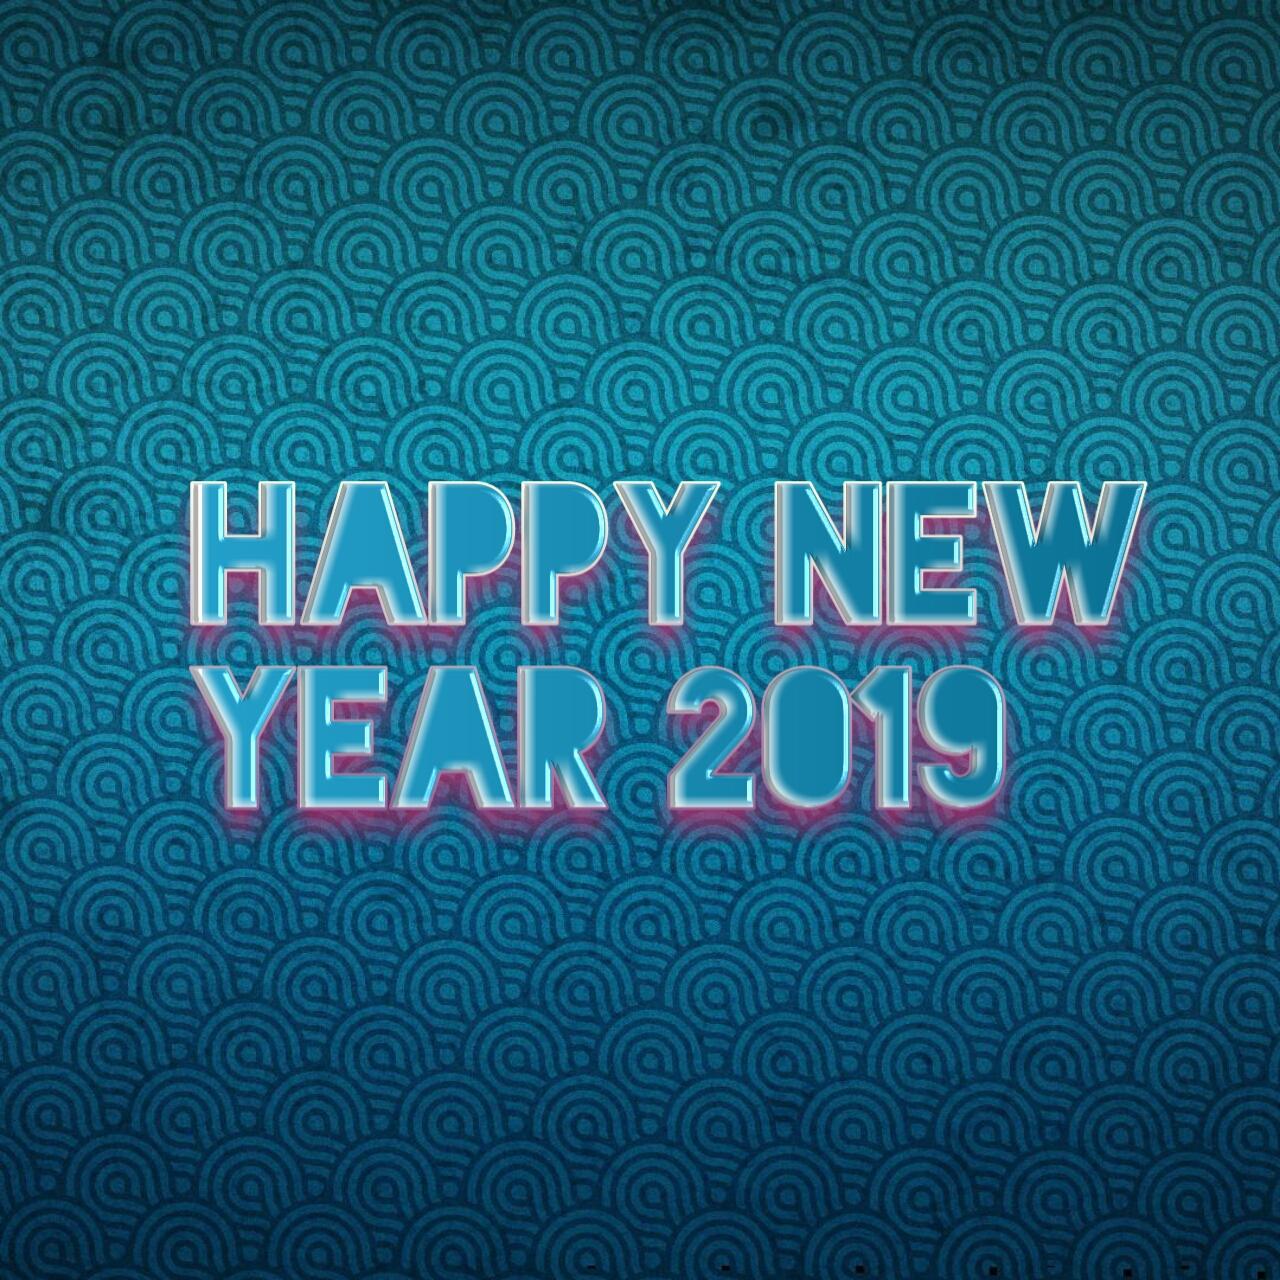 Kumpulan Ucapan Gambar Selamat Tahun Baru 2019 Happy New Year